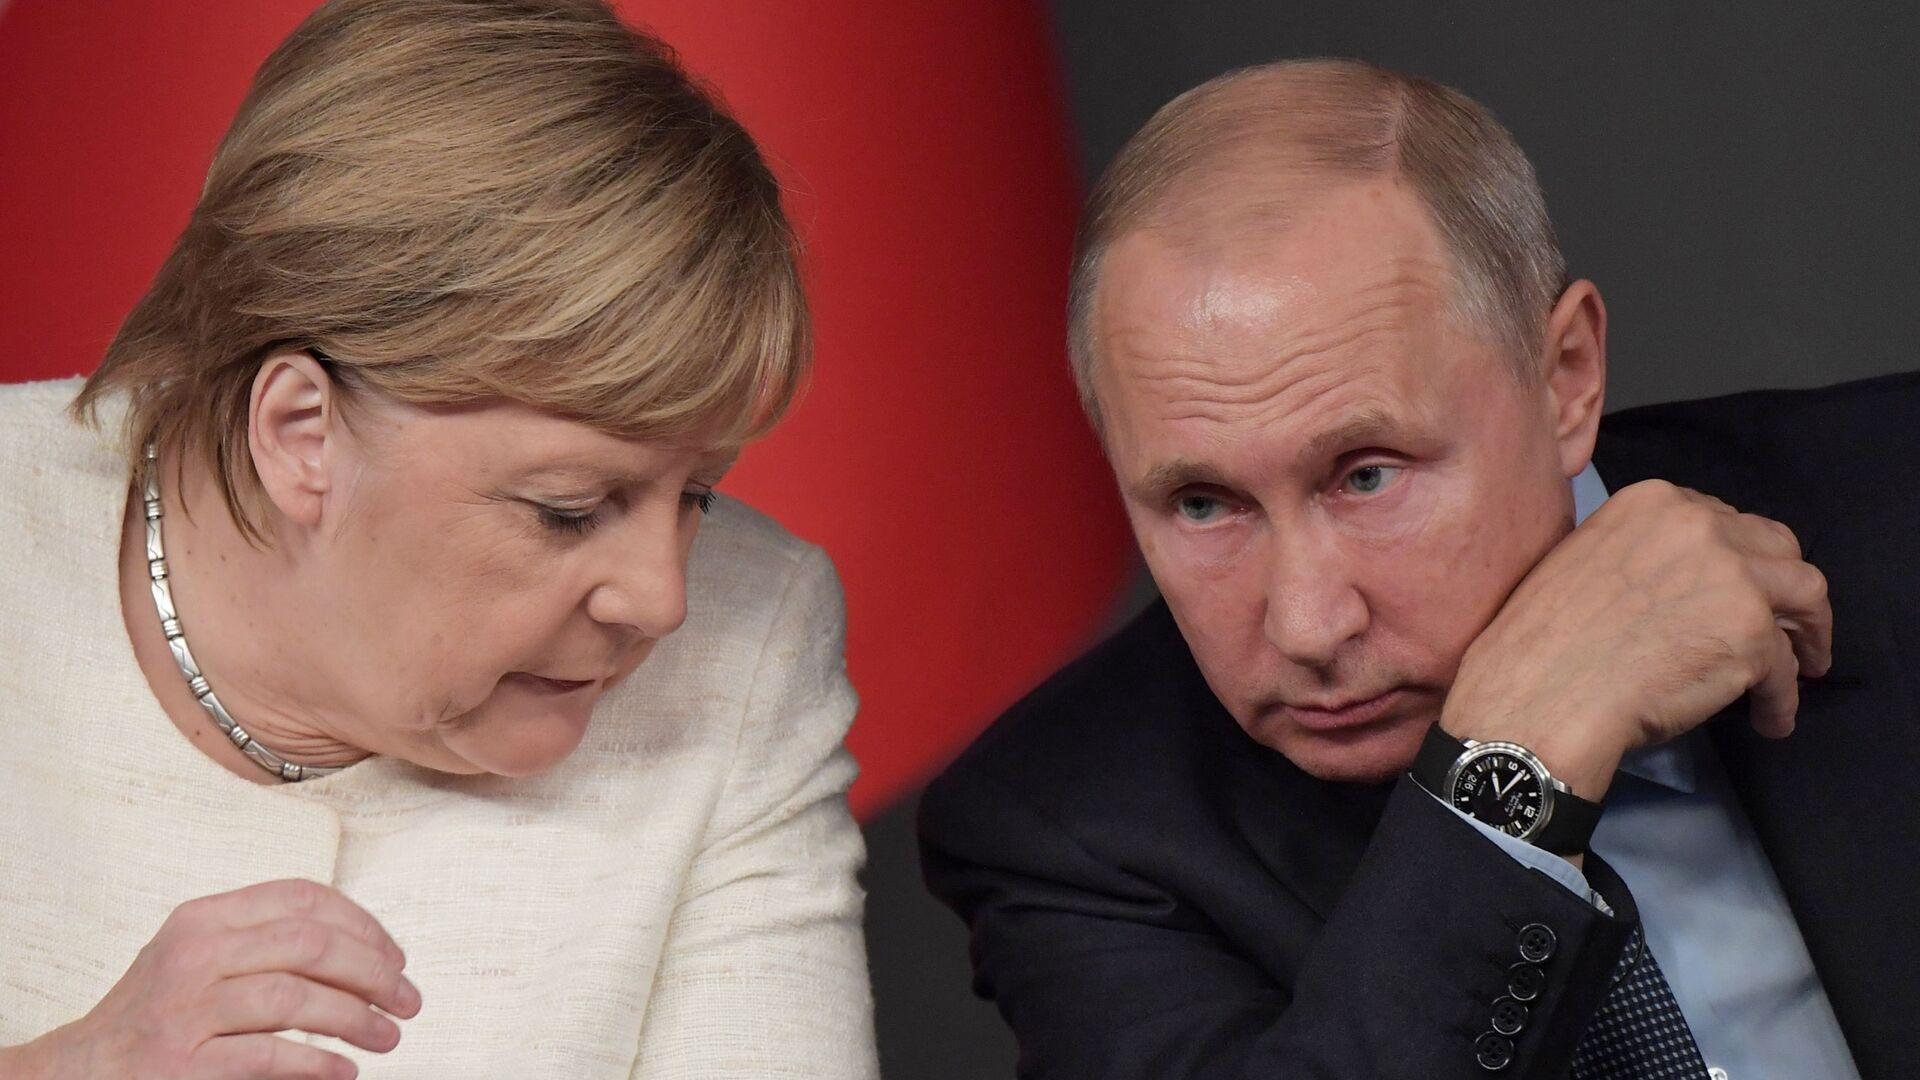 Ο Βλαντιμίρ Πούτιν και η Άνγκελα Μέρκελ.  - Sputnik Ελλάδα, 1920, 11.10.2021